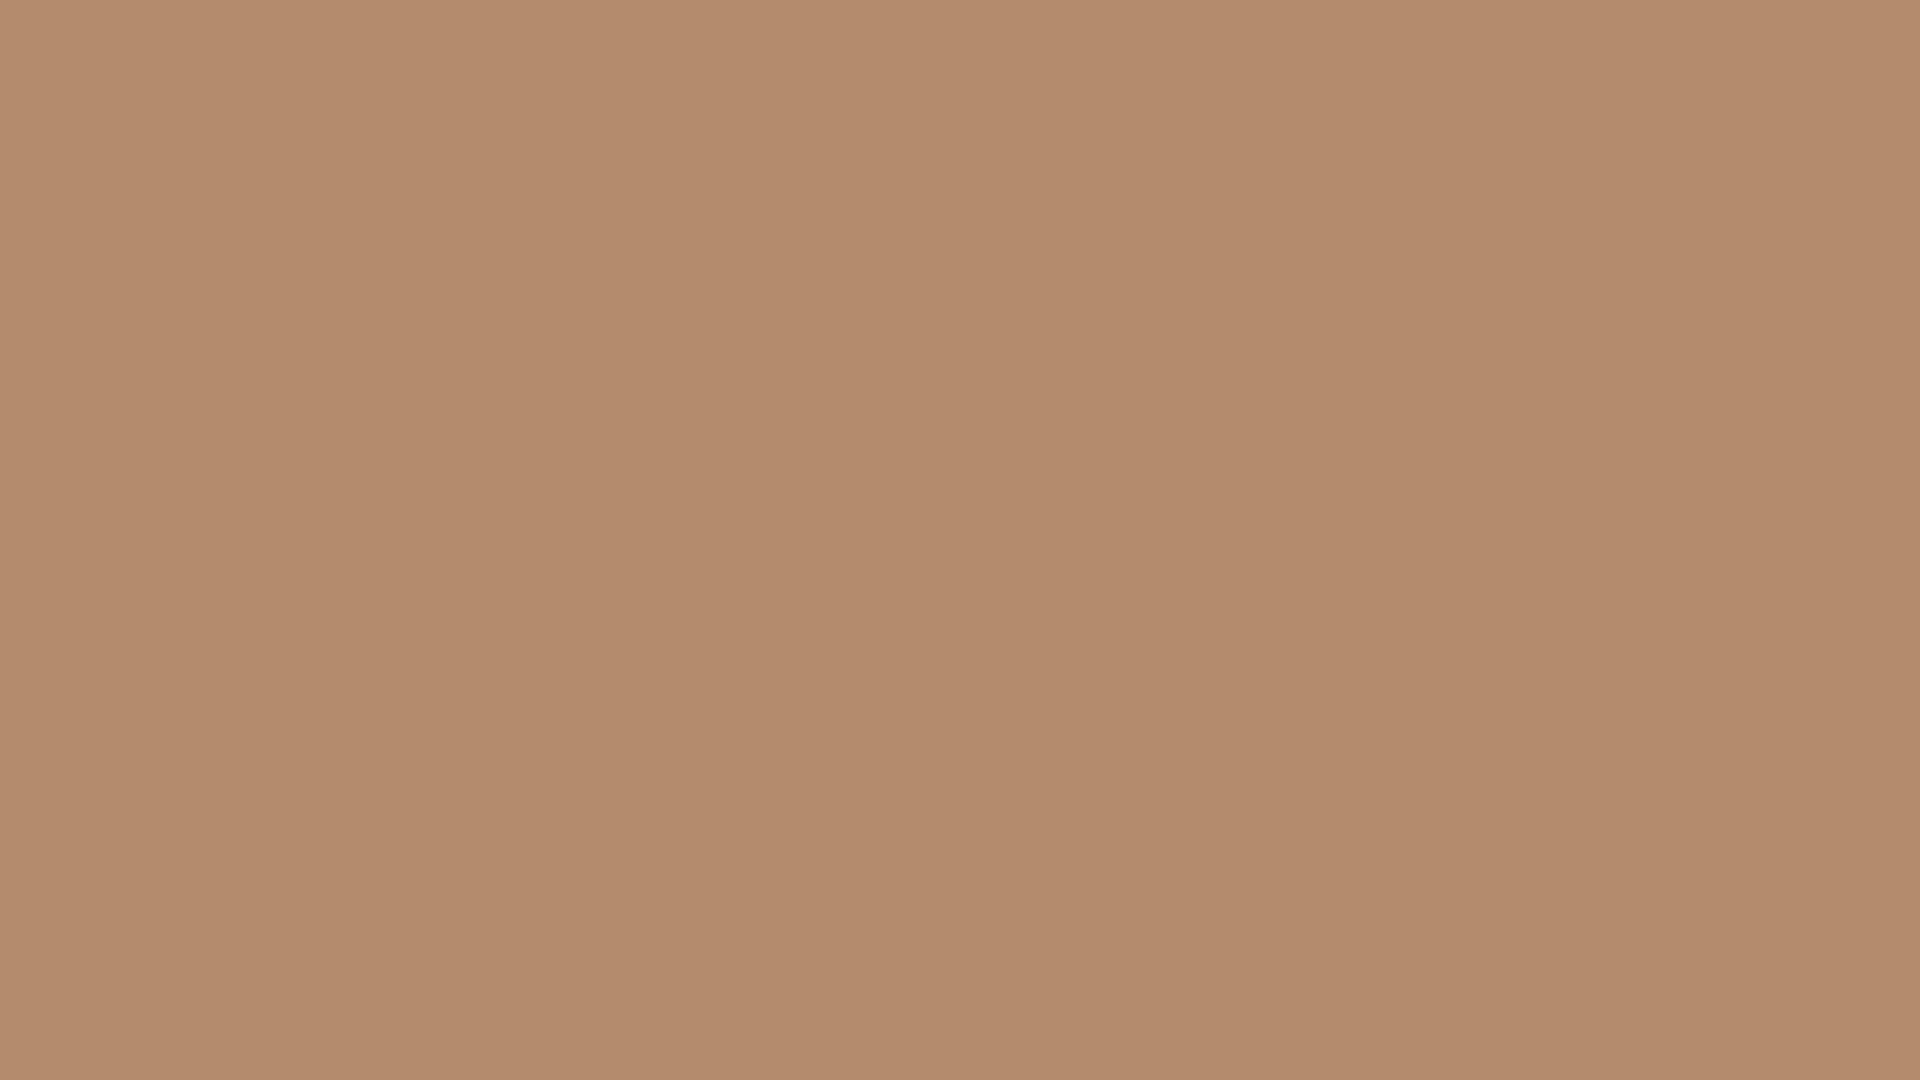 Light Beige Color Paint